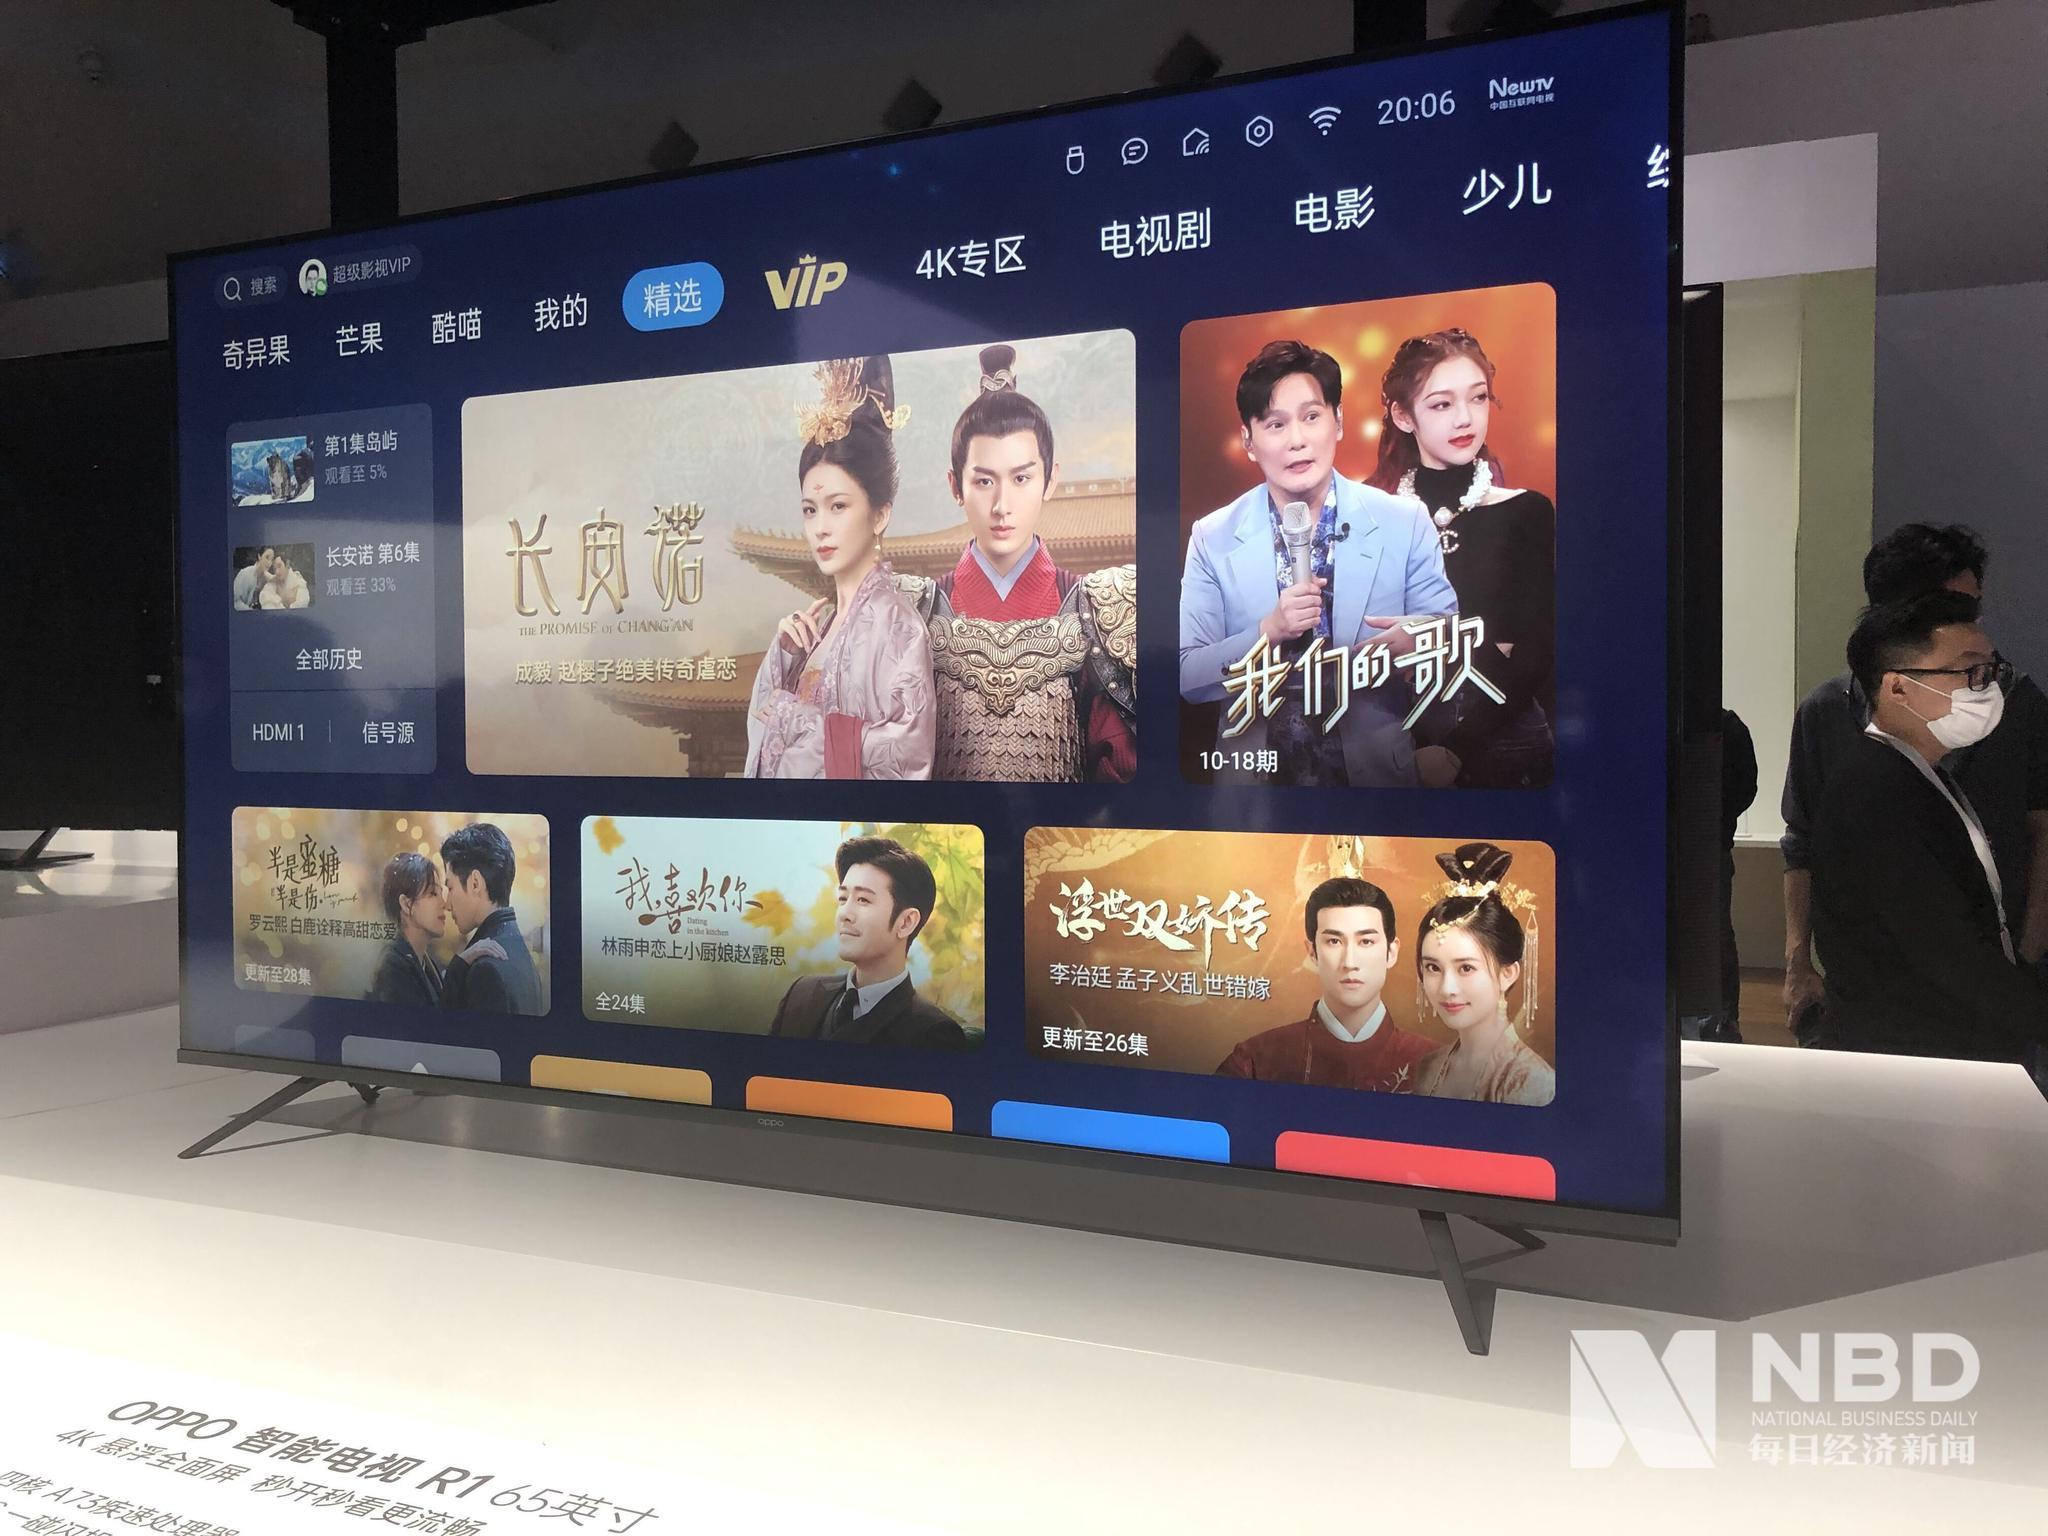 争夺IoT入口:OPPO、小米、华为等国产手机厂商鏖战智能电视市场